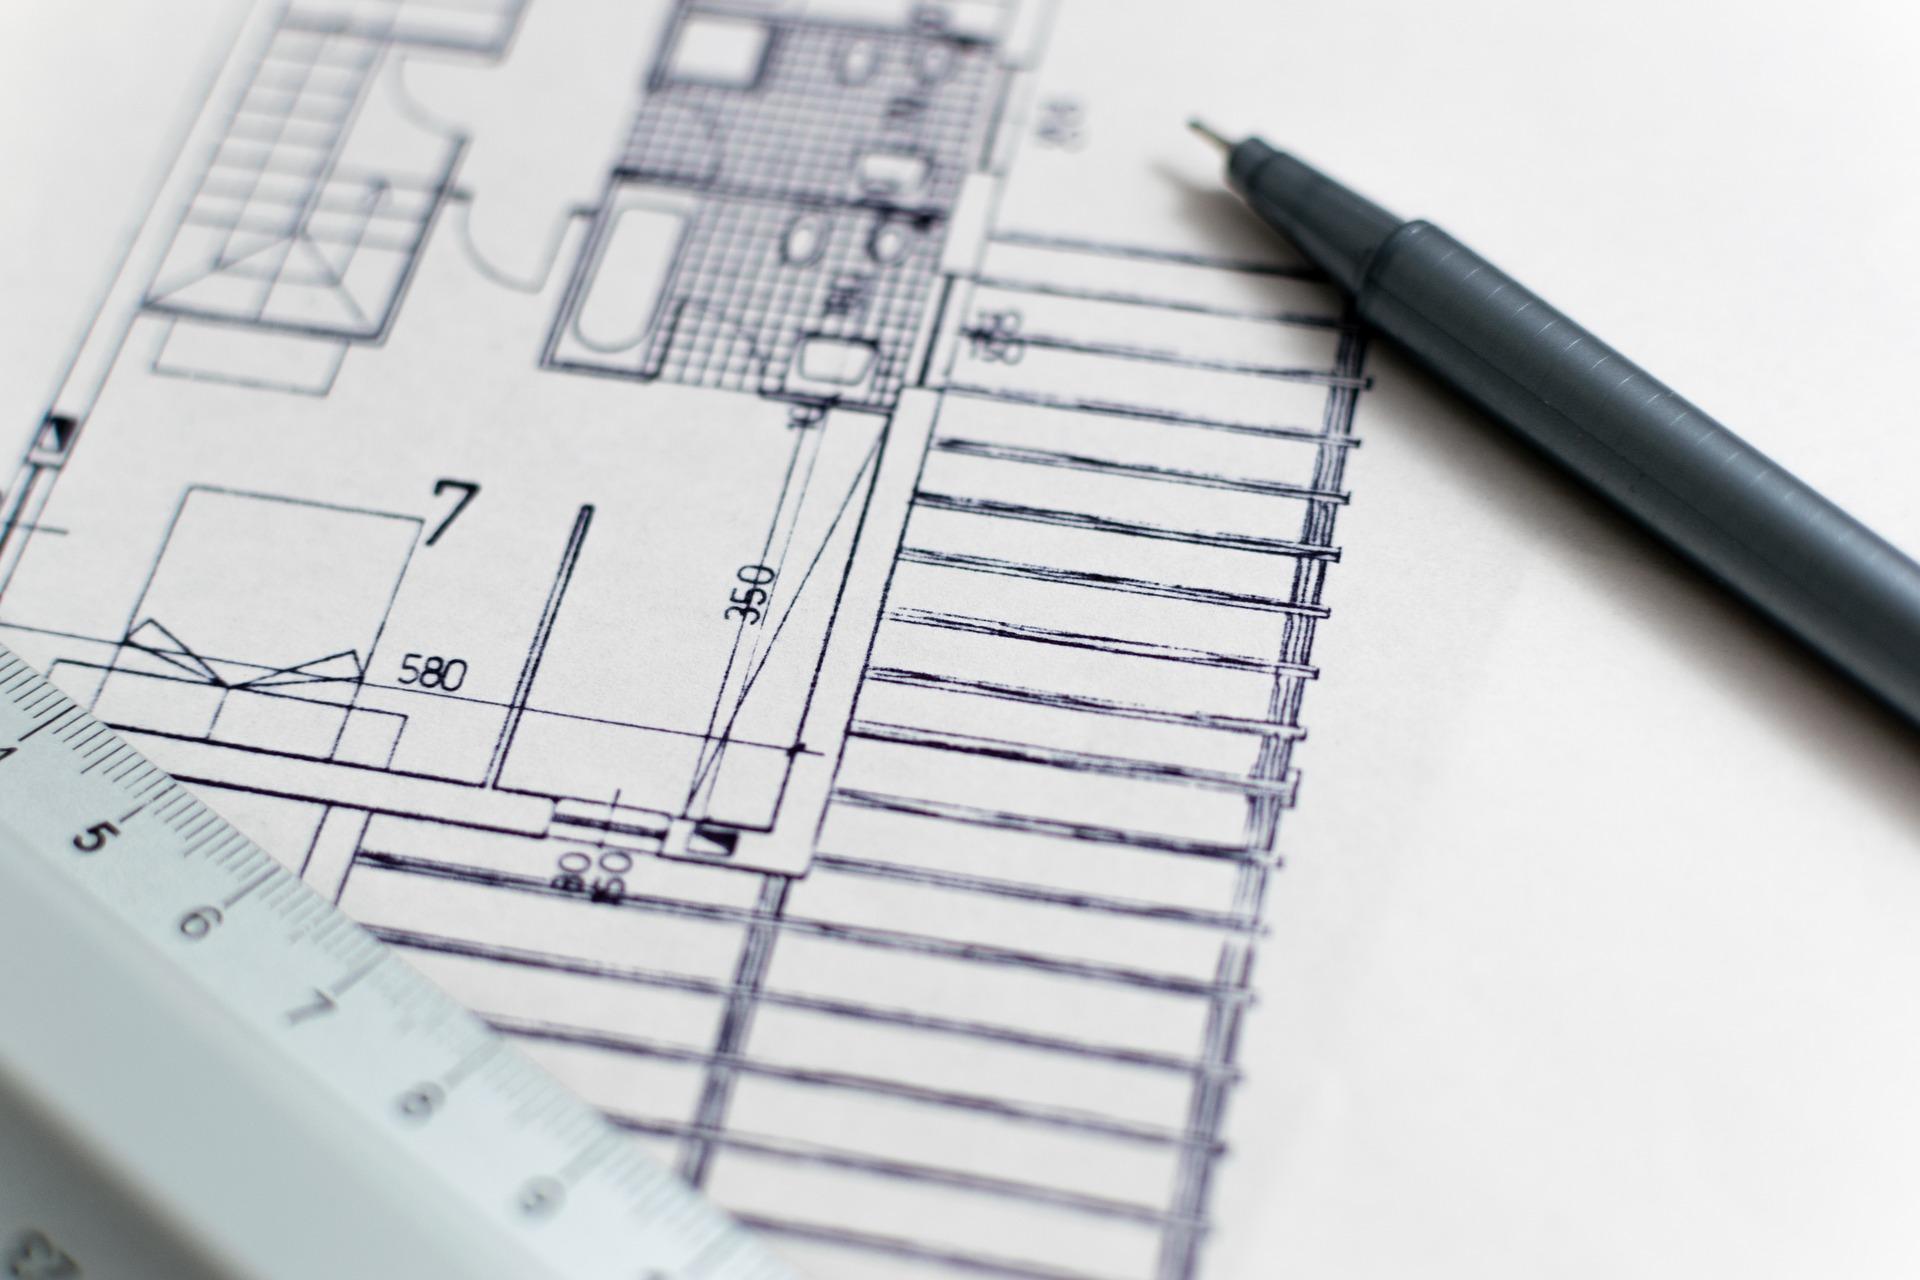 Projektant nebo architekt?